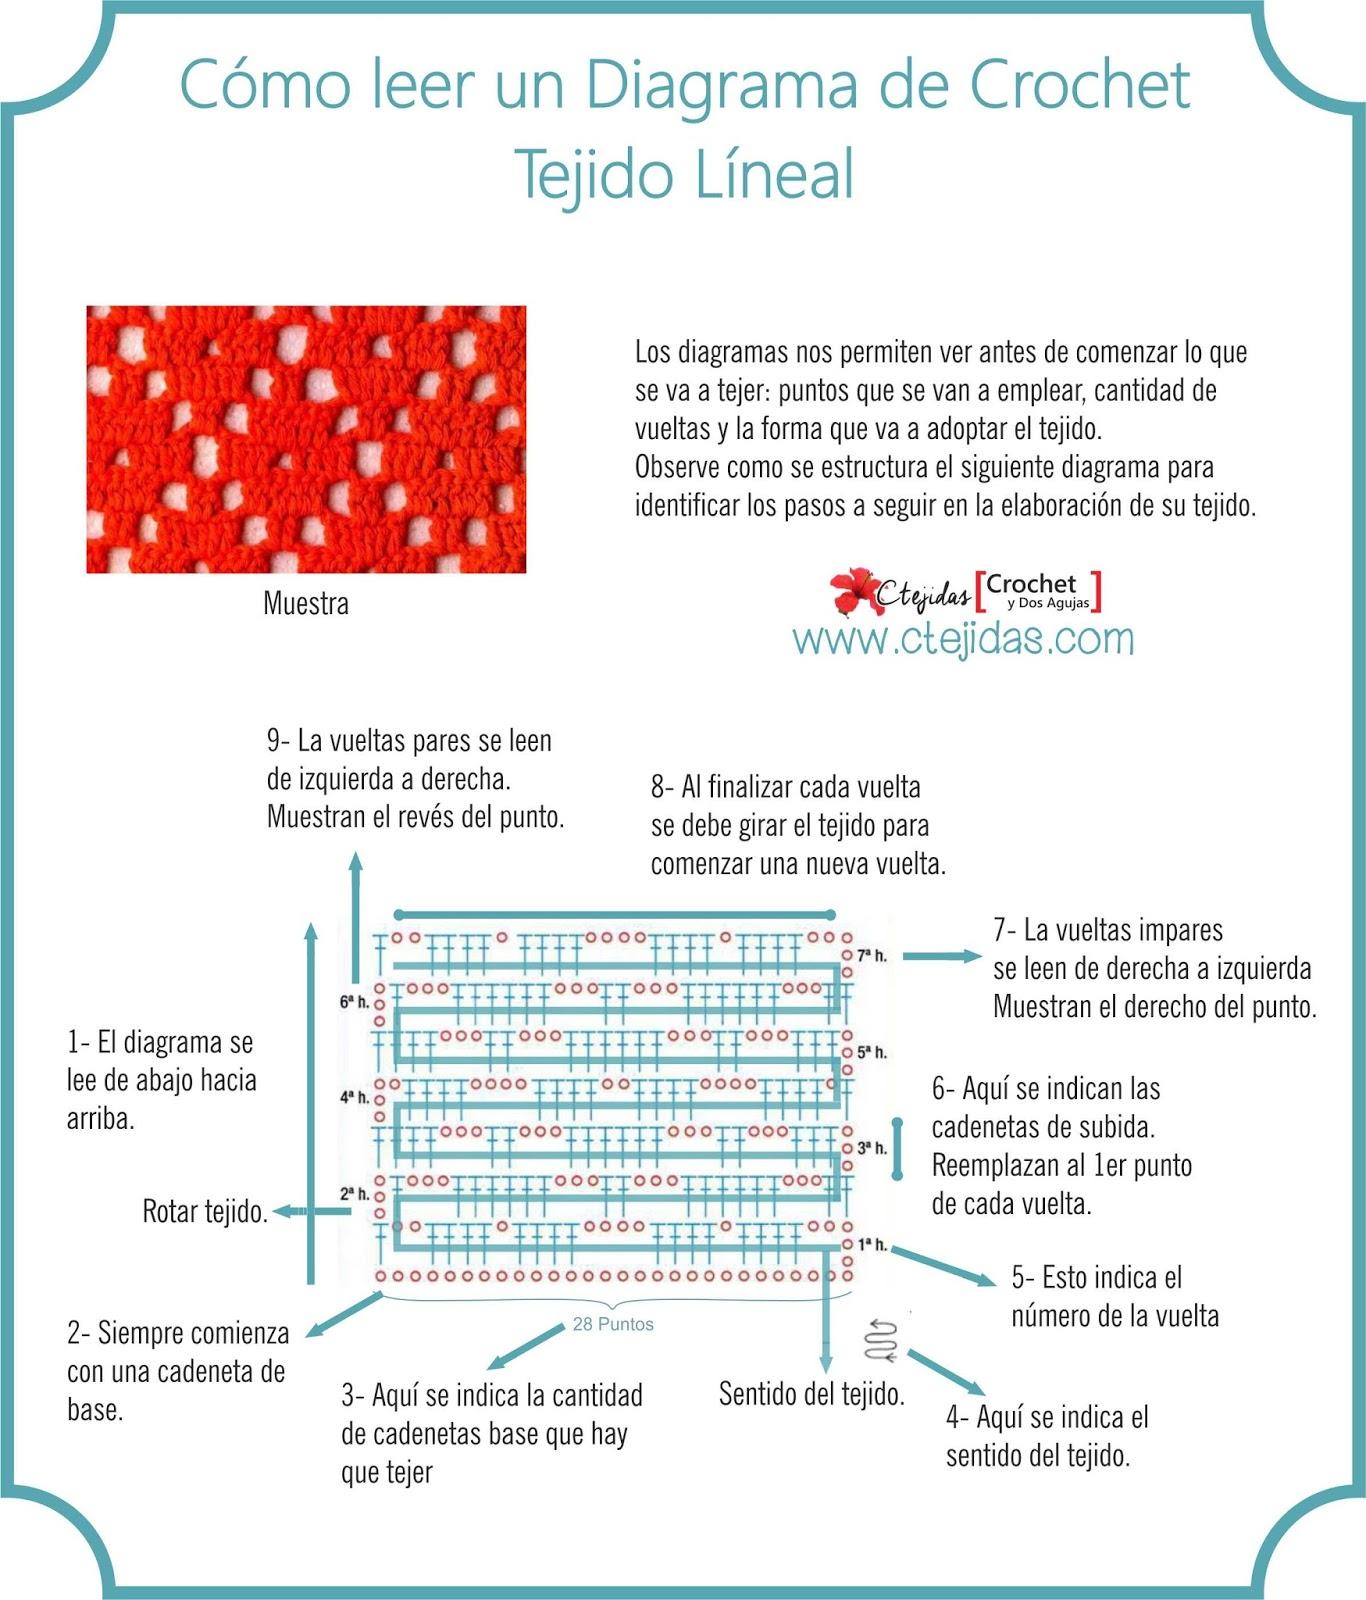 Cómo leer los diagramas de crochet - Tejido Líneal